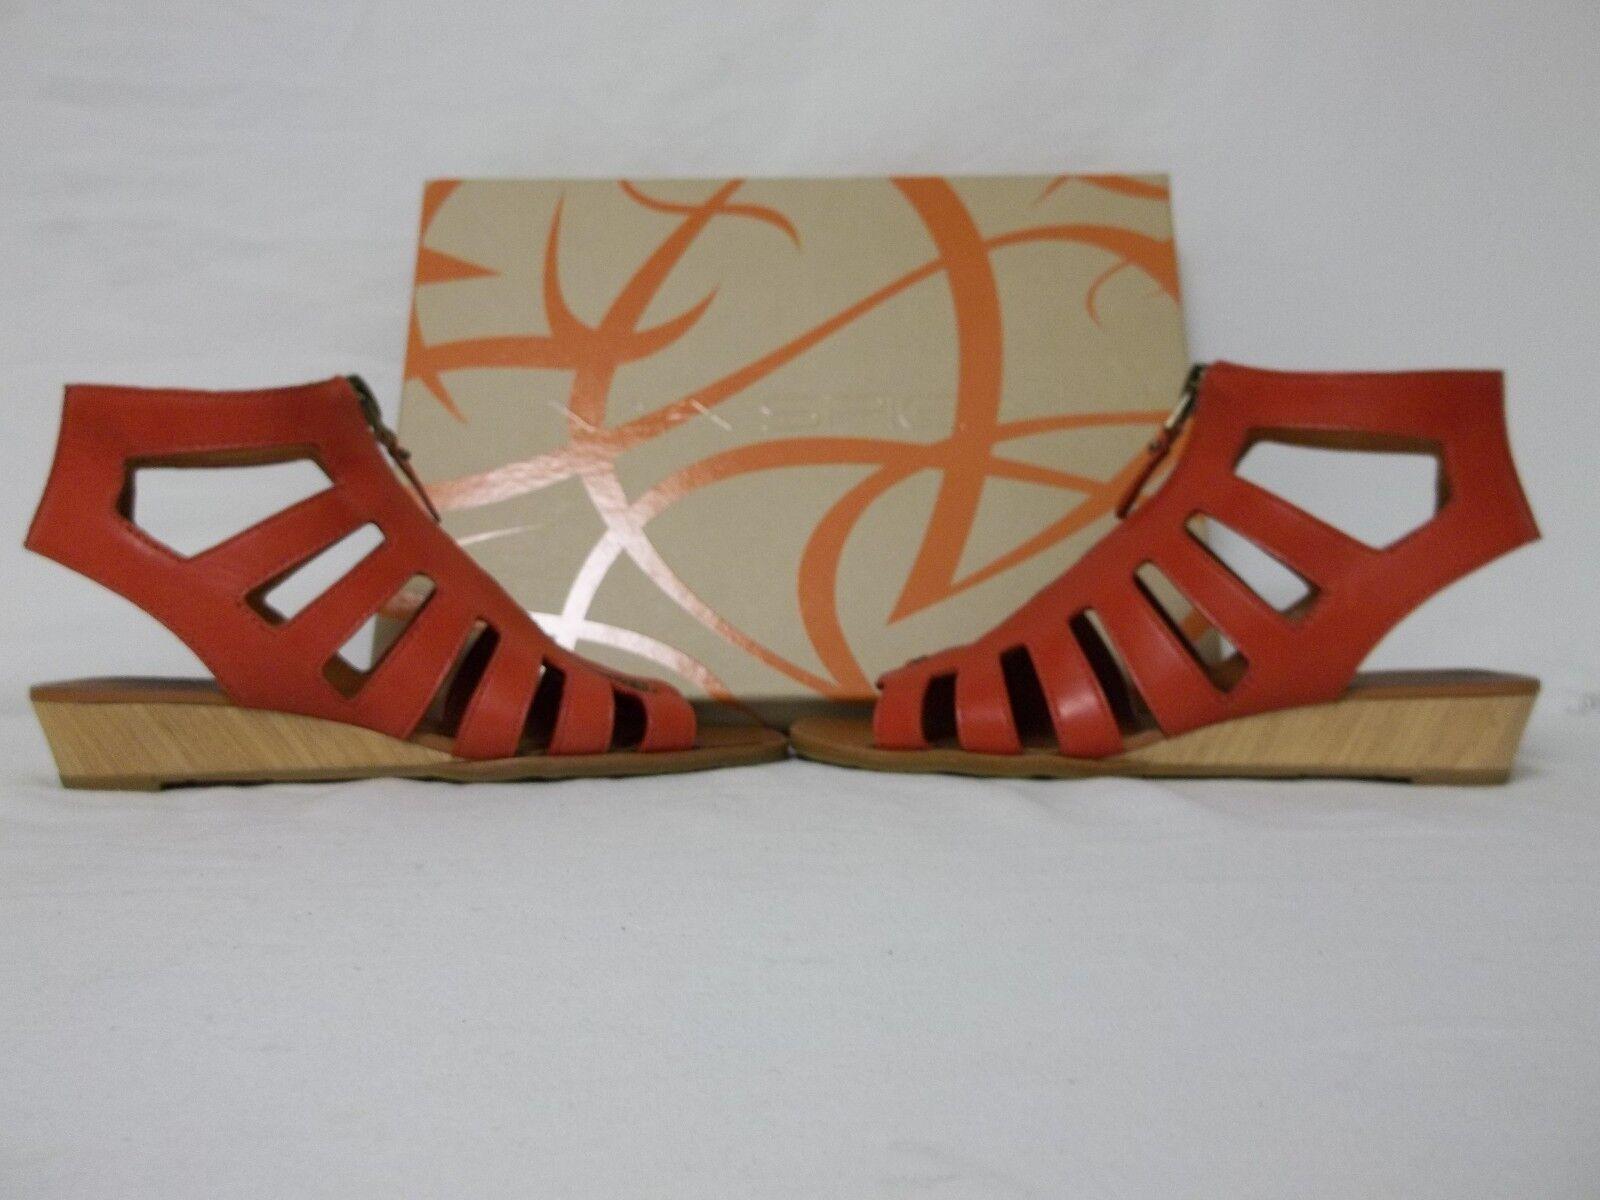 Via Spiga Größe 7.5 M Park ROT Leder Gladiator Gladiator Gladiator Sandales Wedges New Damenschuhe Schuhes 9d027a